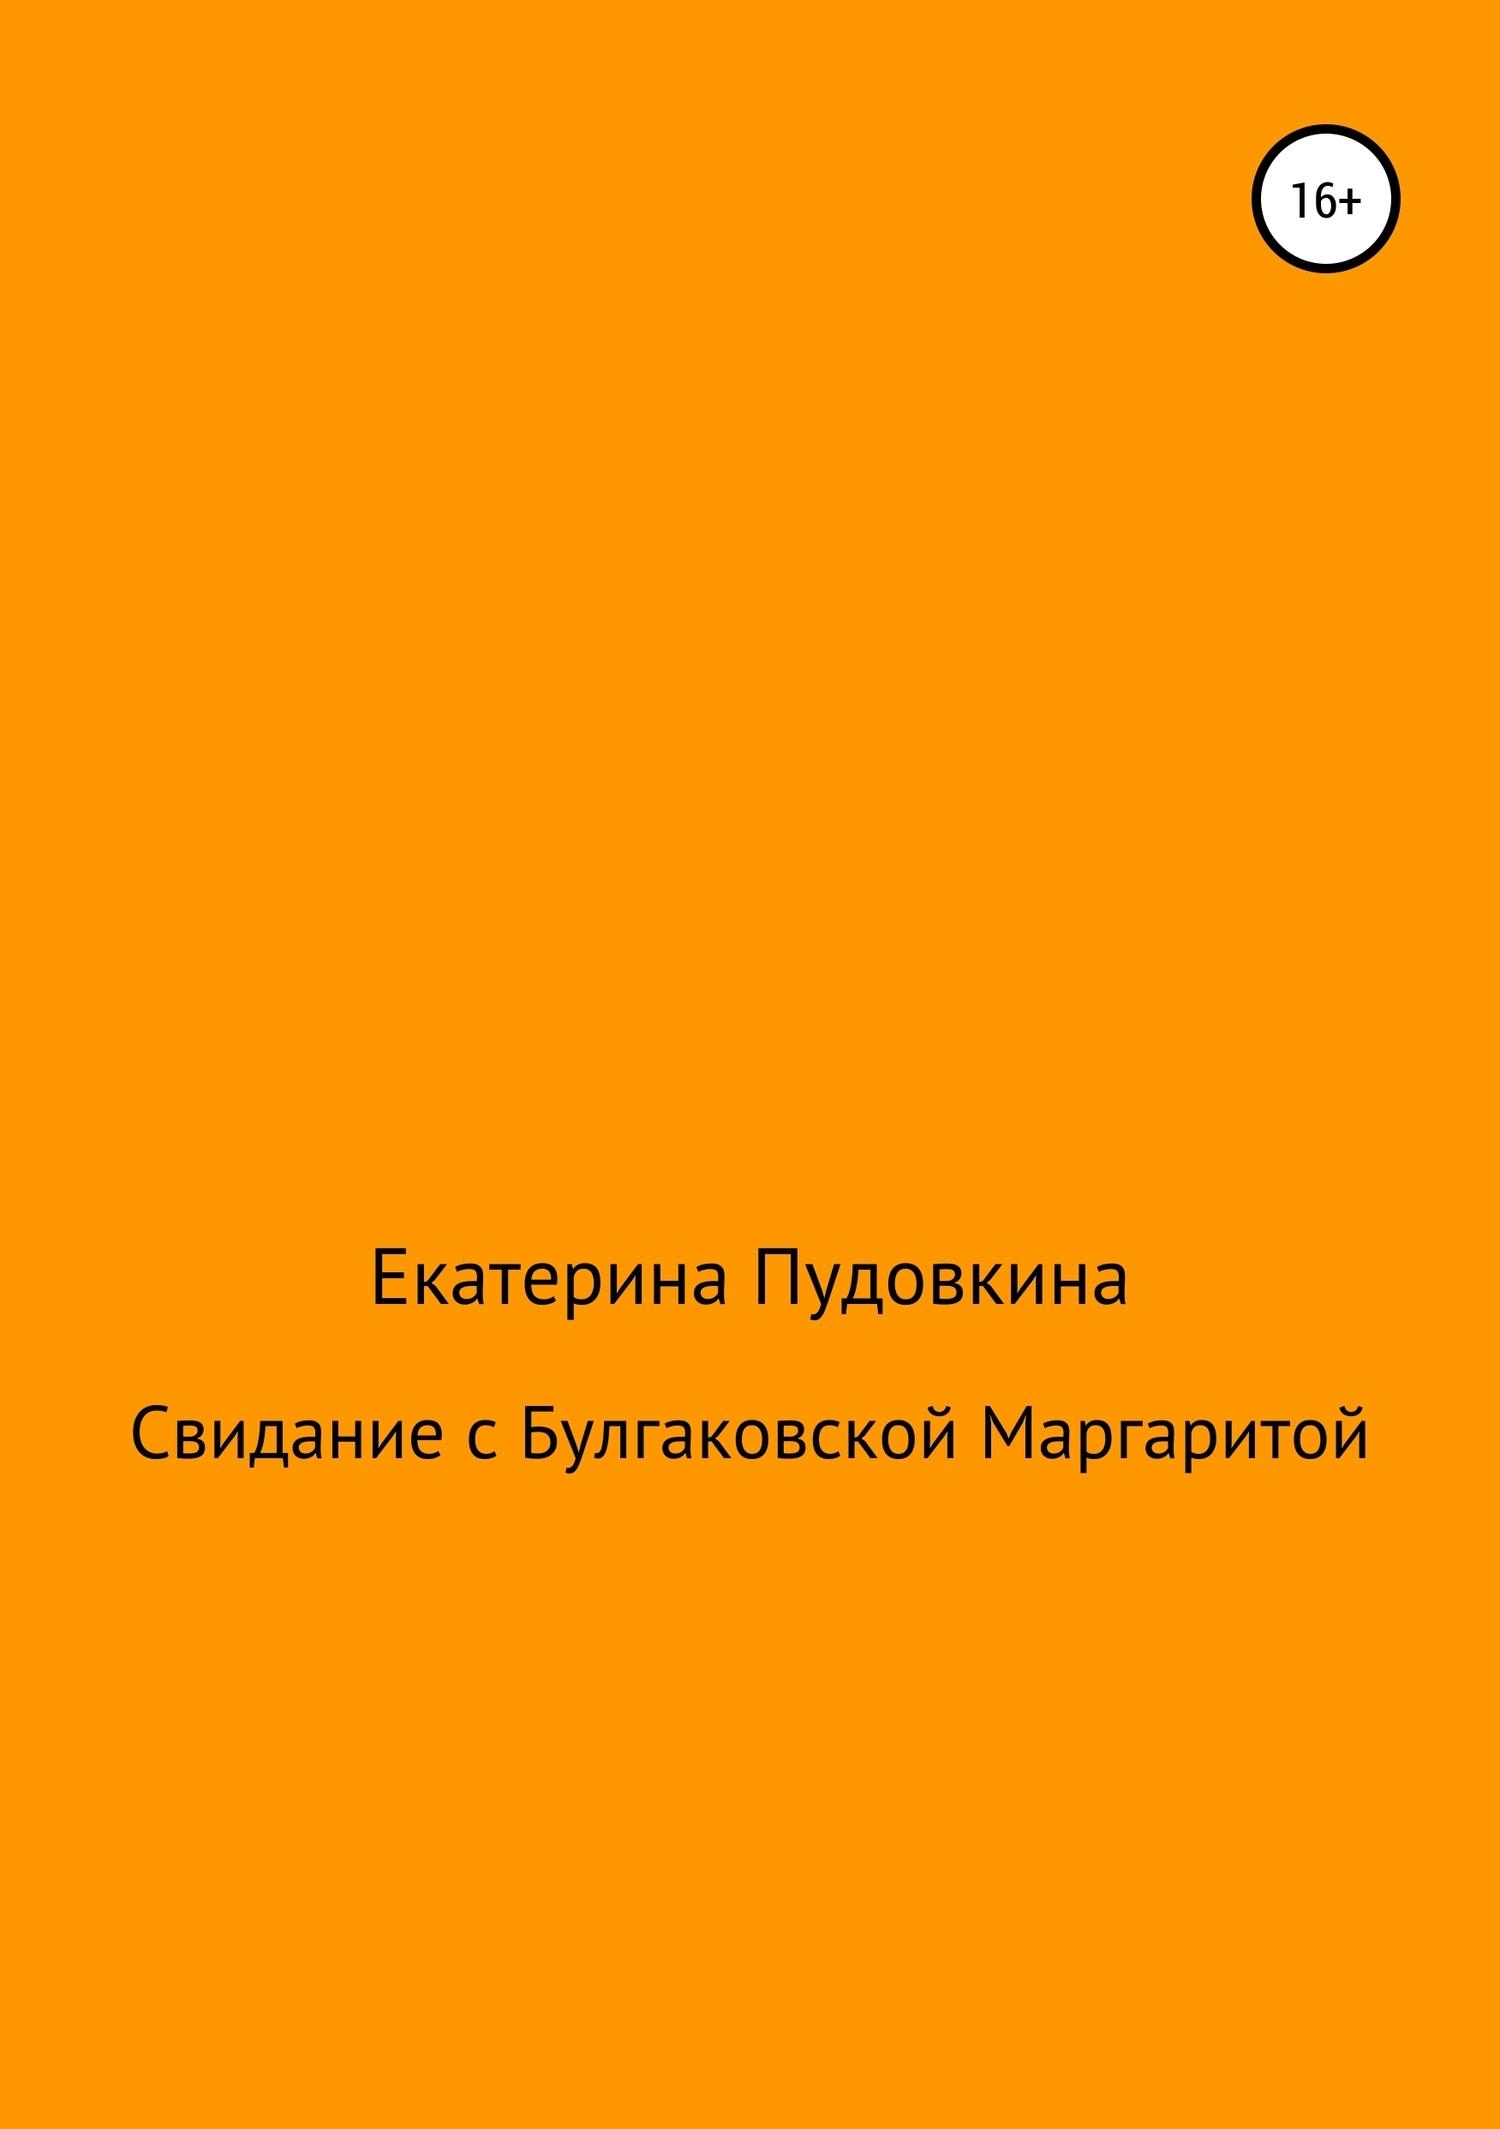 Свидание с Булгаковской Маргаритой